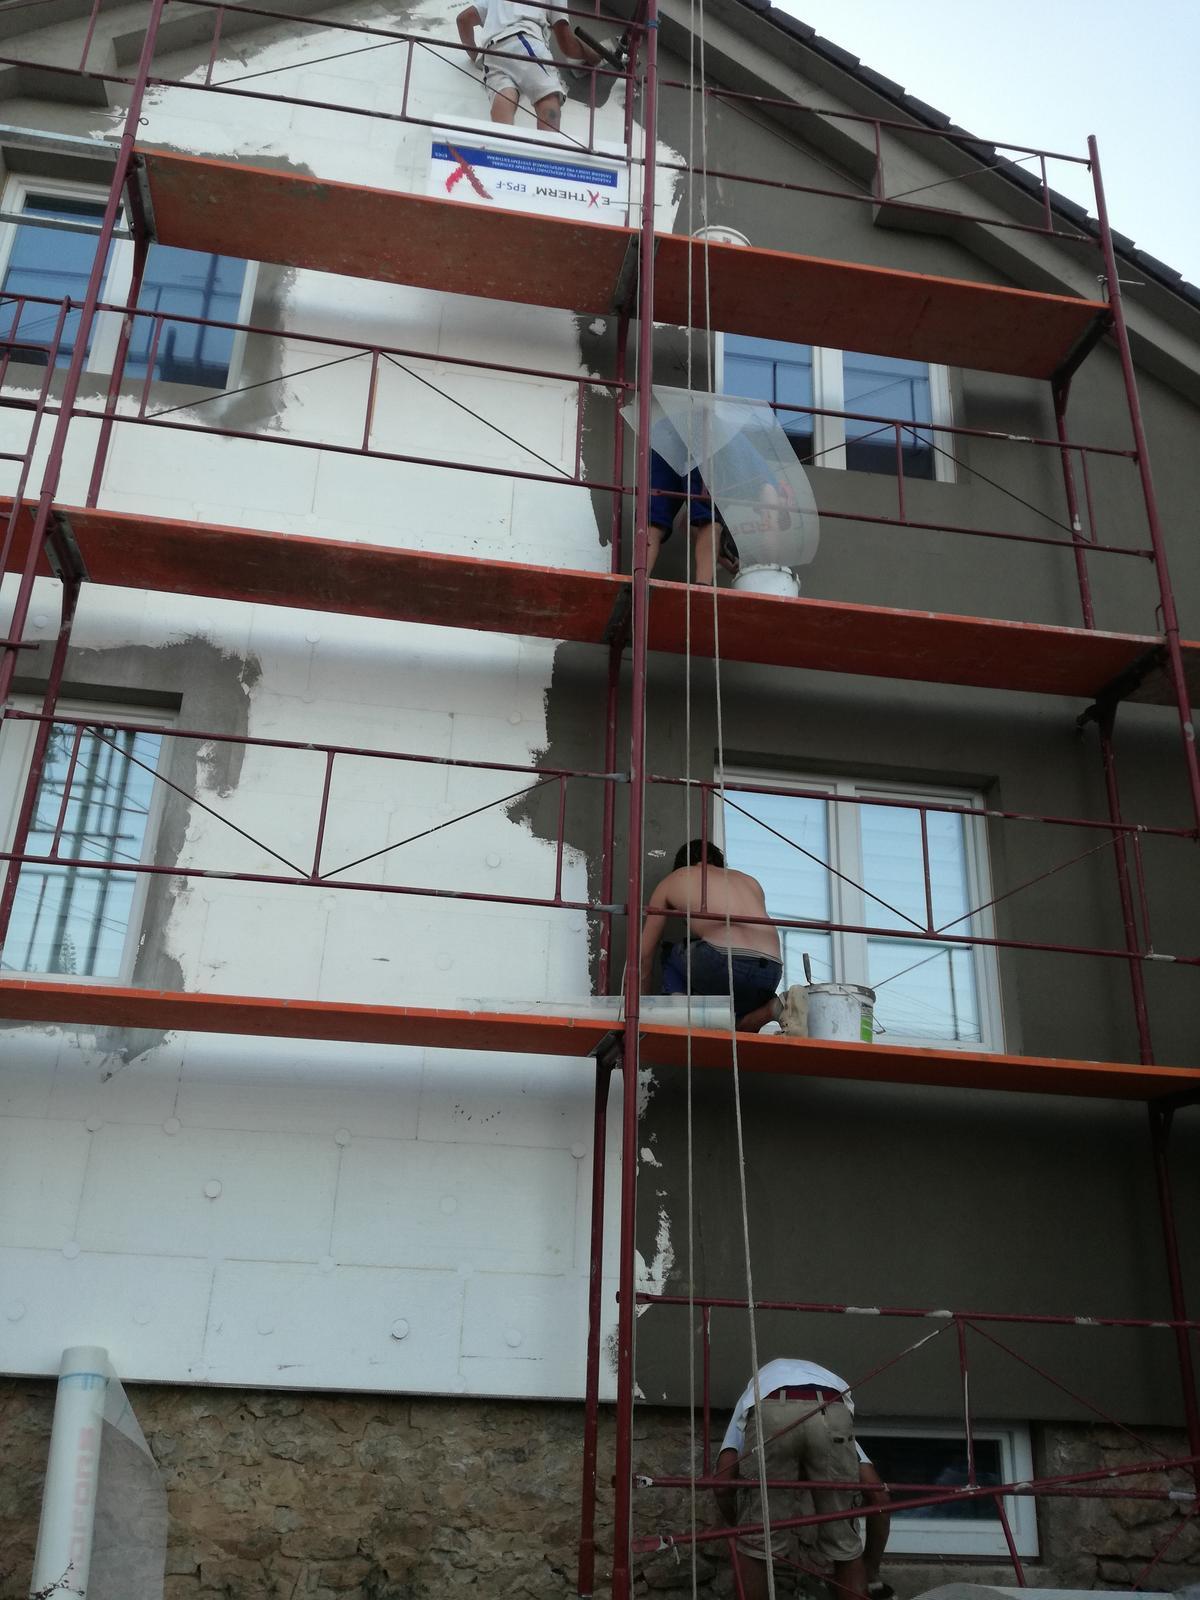 Dom rekonstrukcia - Obrázok č. 372